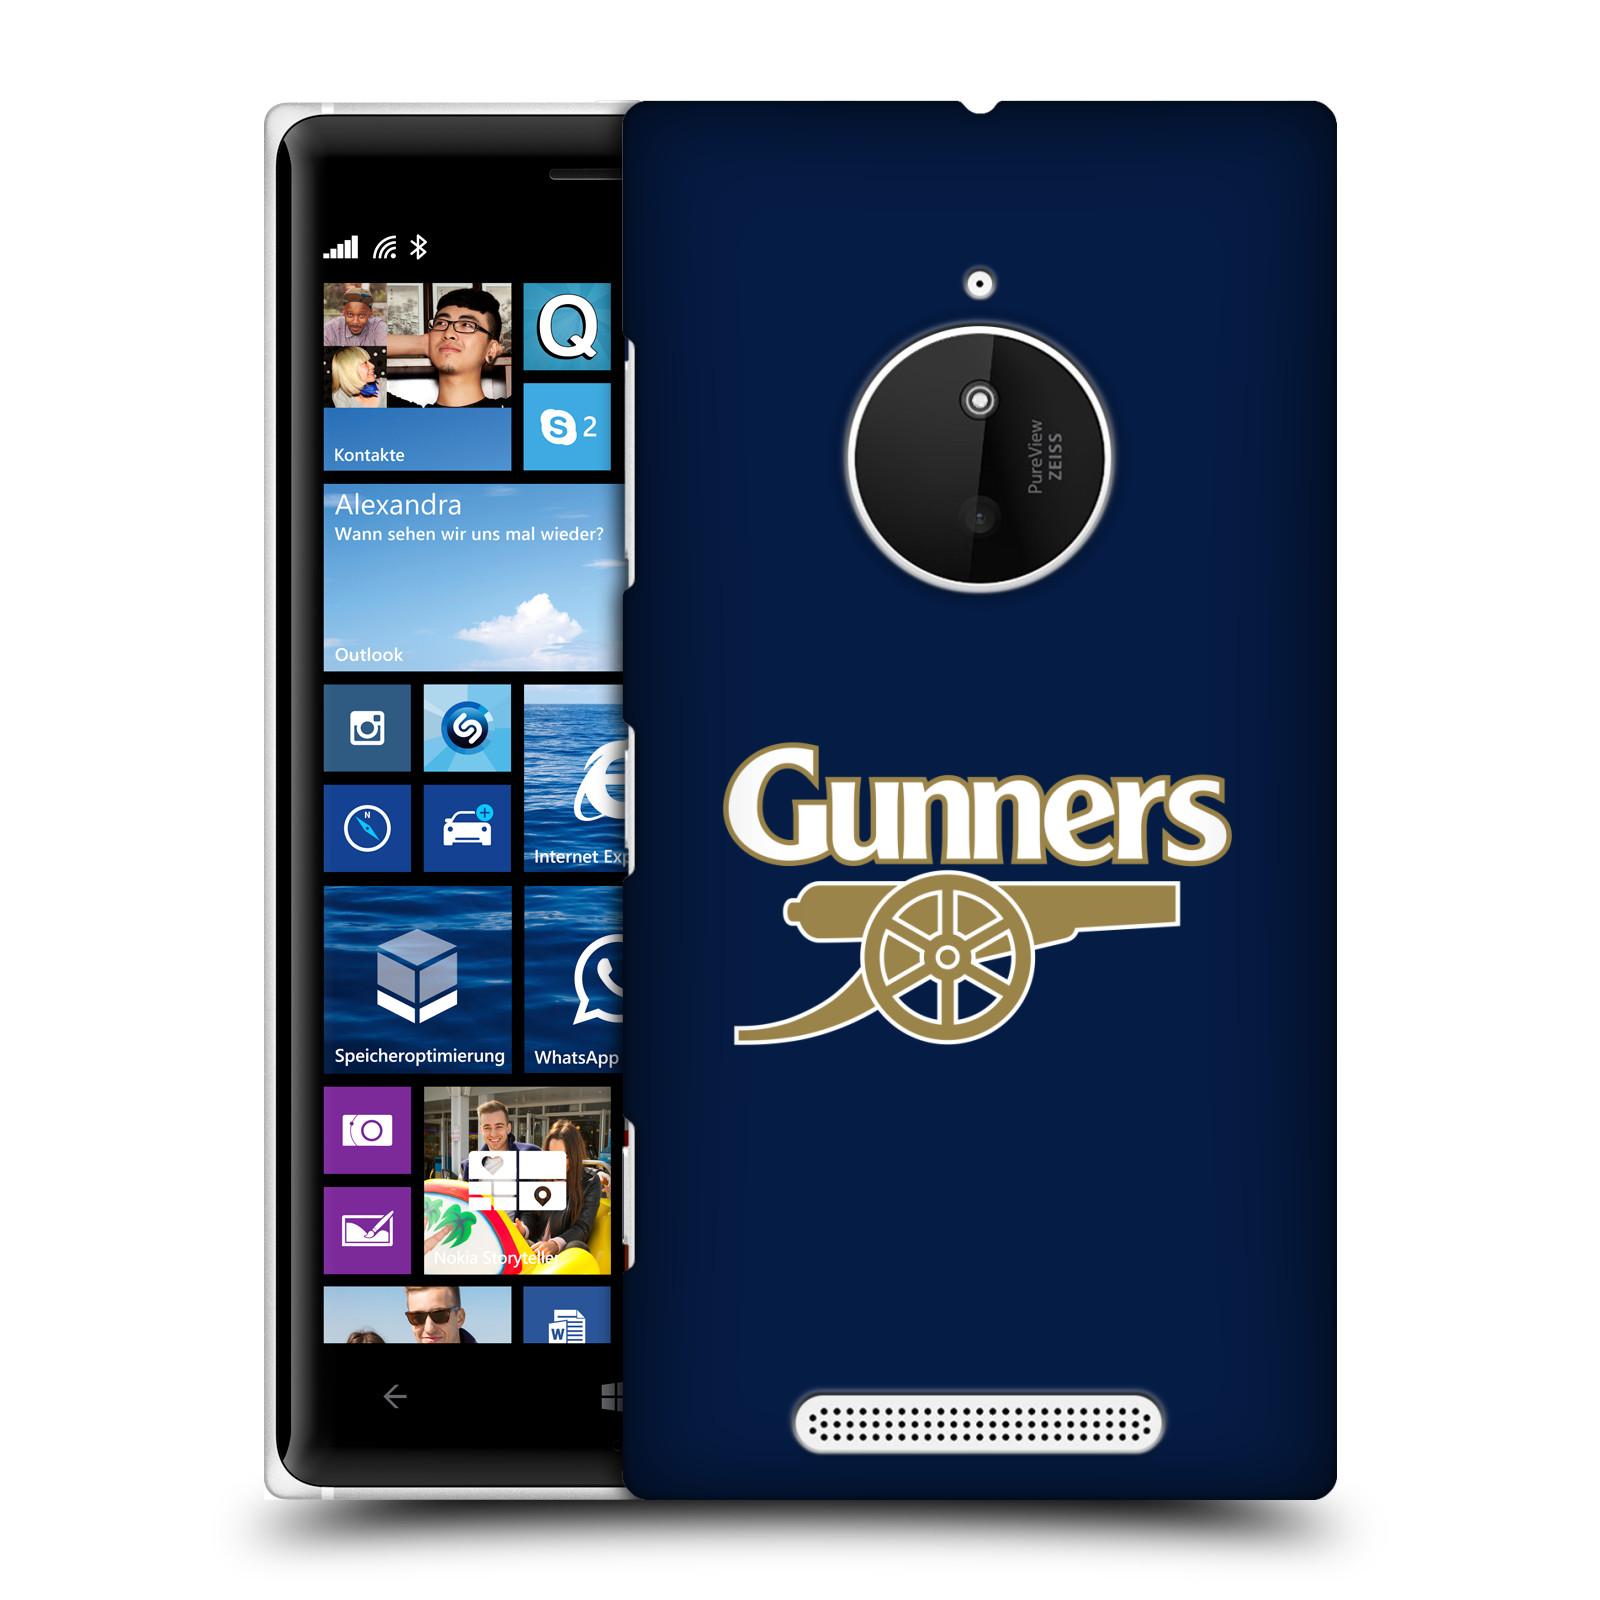 Plastové pouzdro na mobil Nokia Lumia 830 - Head Case - Arsenal FC - Gunners